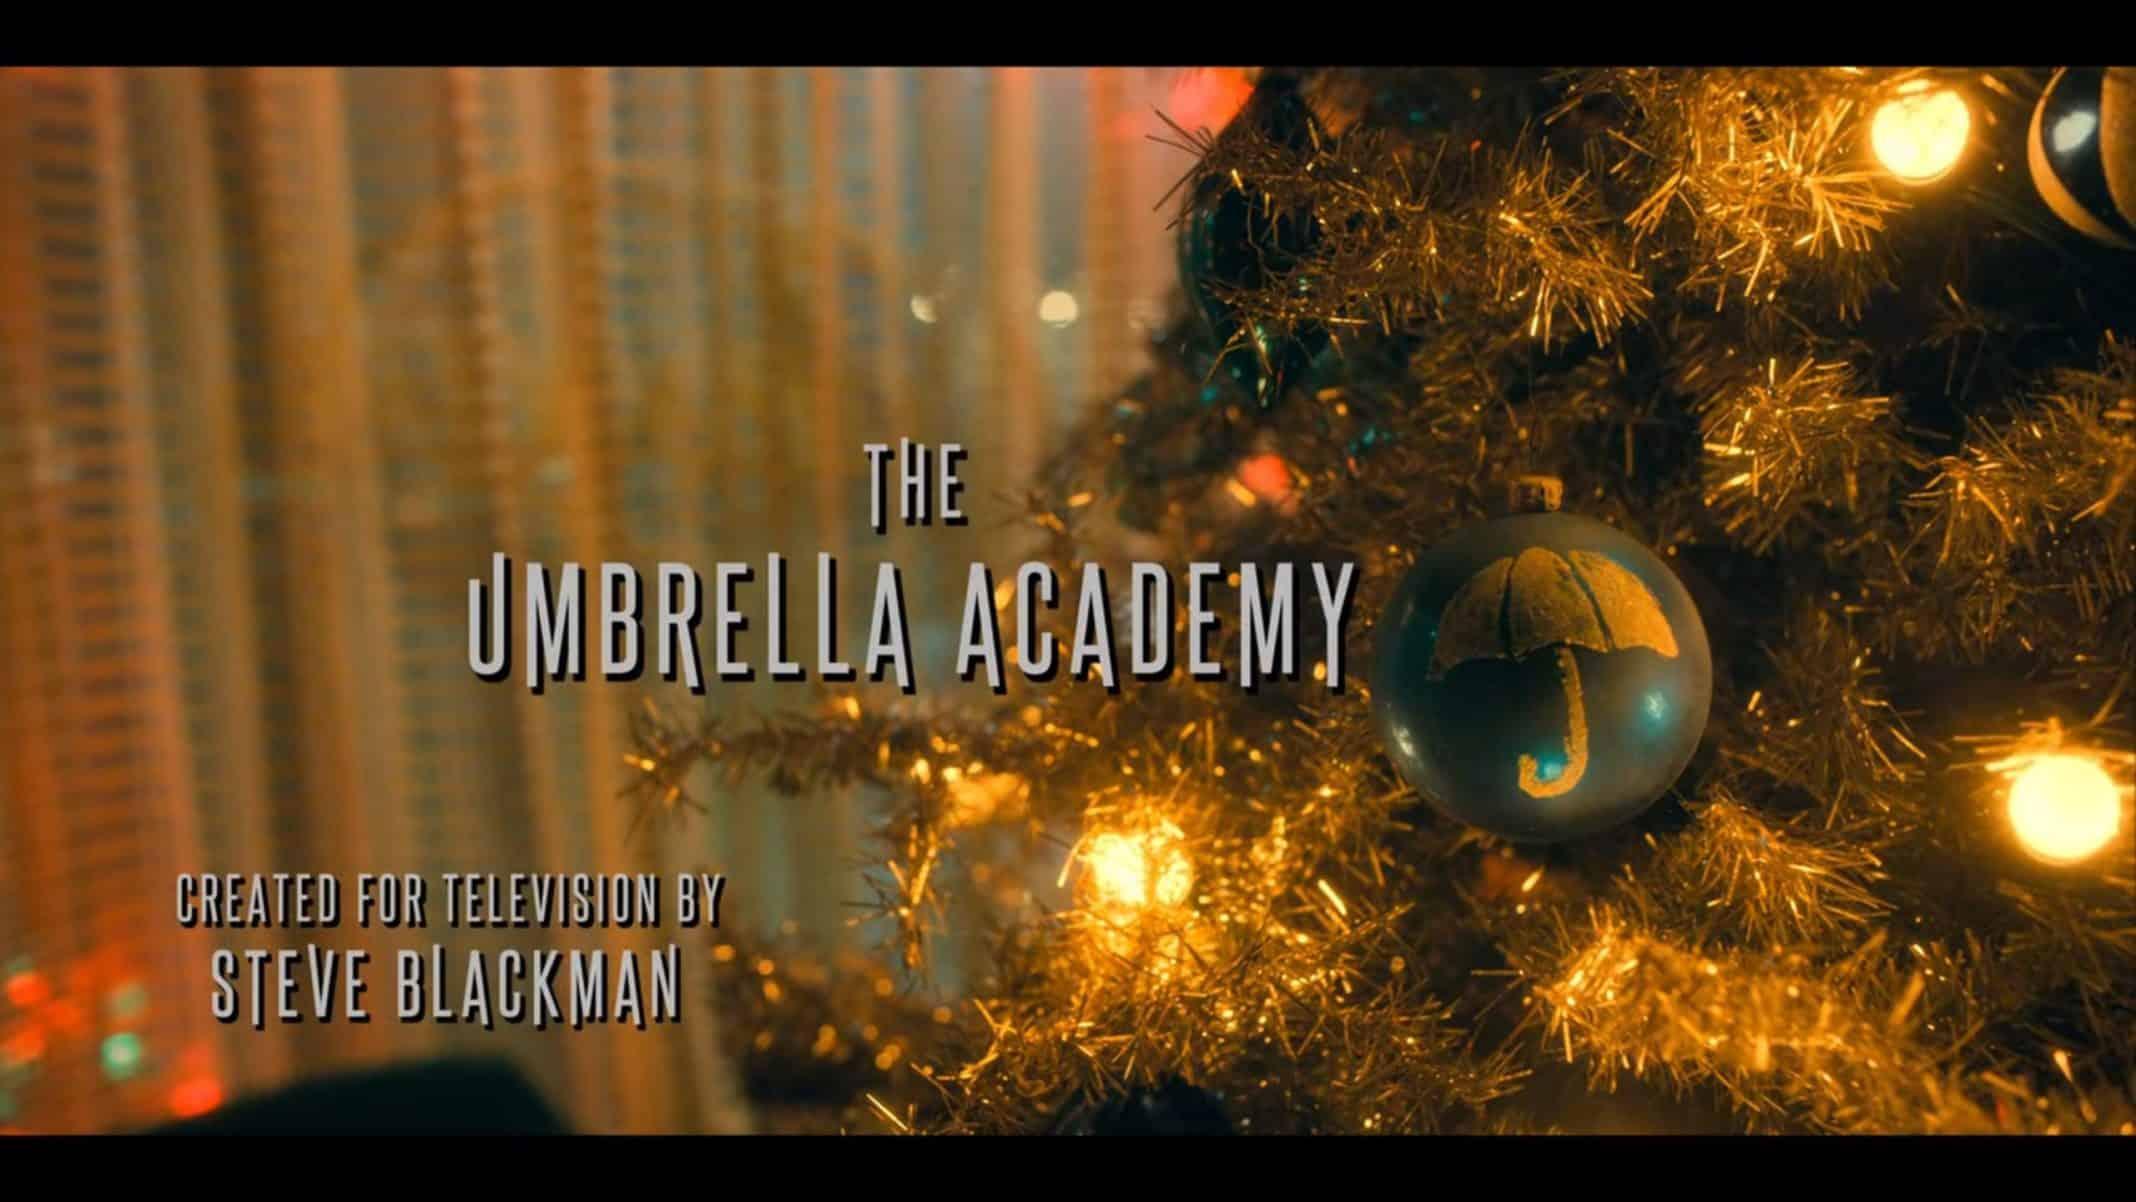 Title Card - The Umbrella Academy Season 2 Episode 6